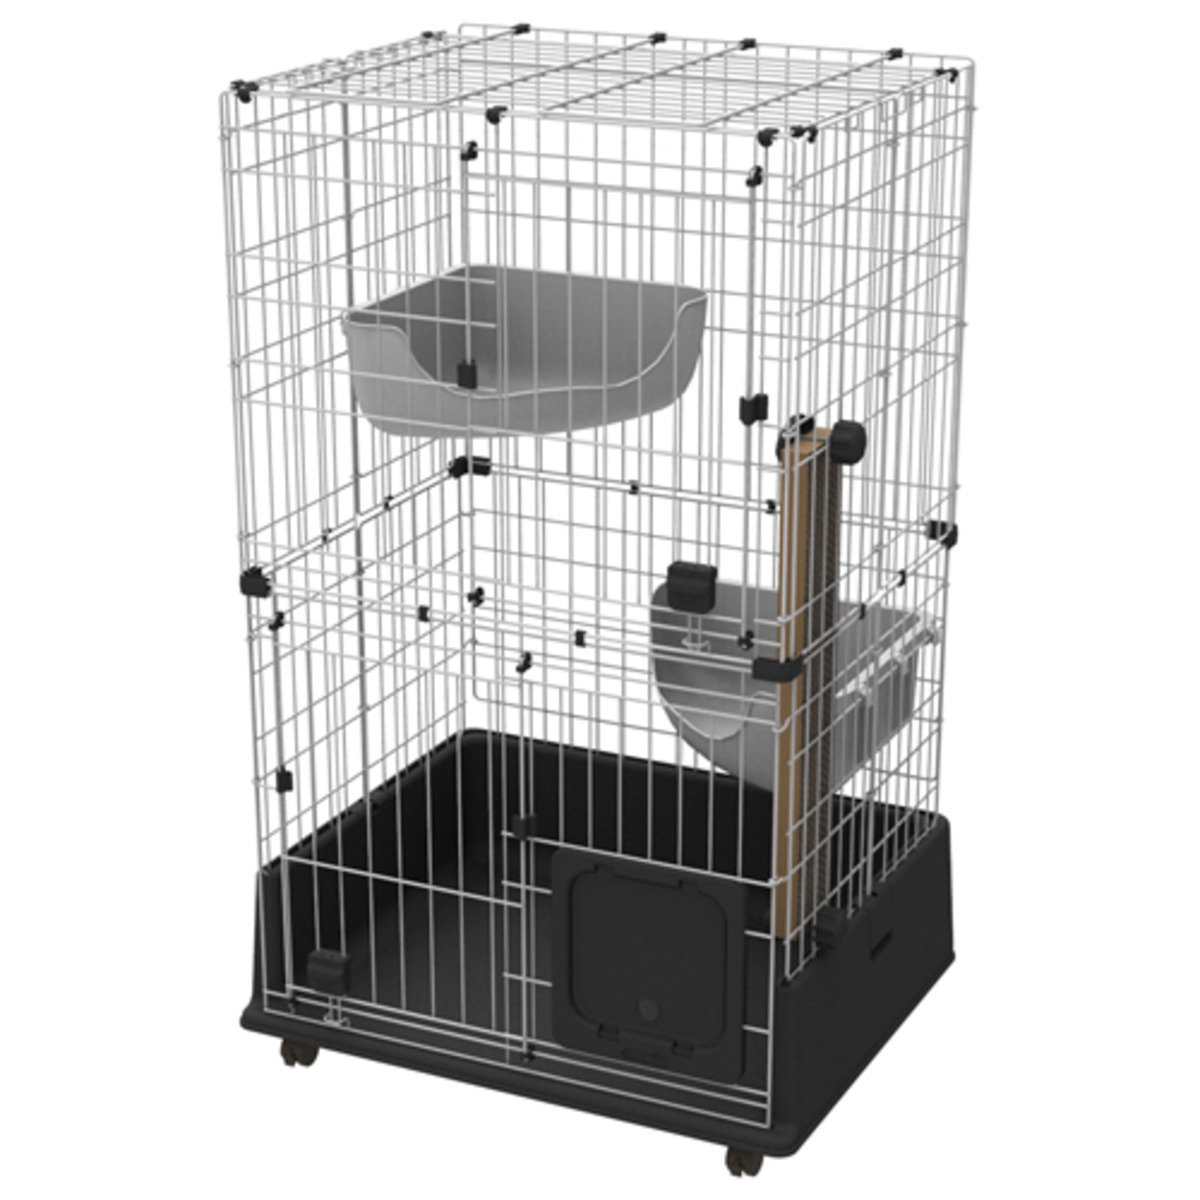 移動式自由組合貓籠(A25072)